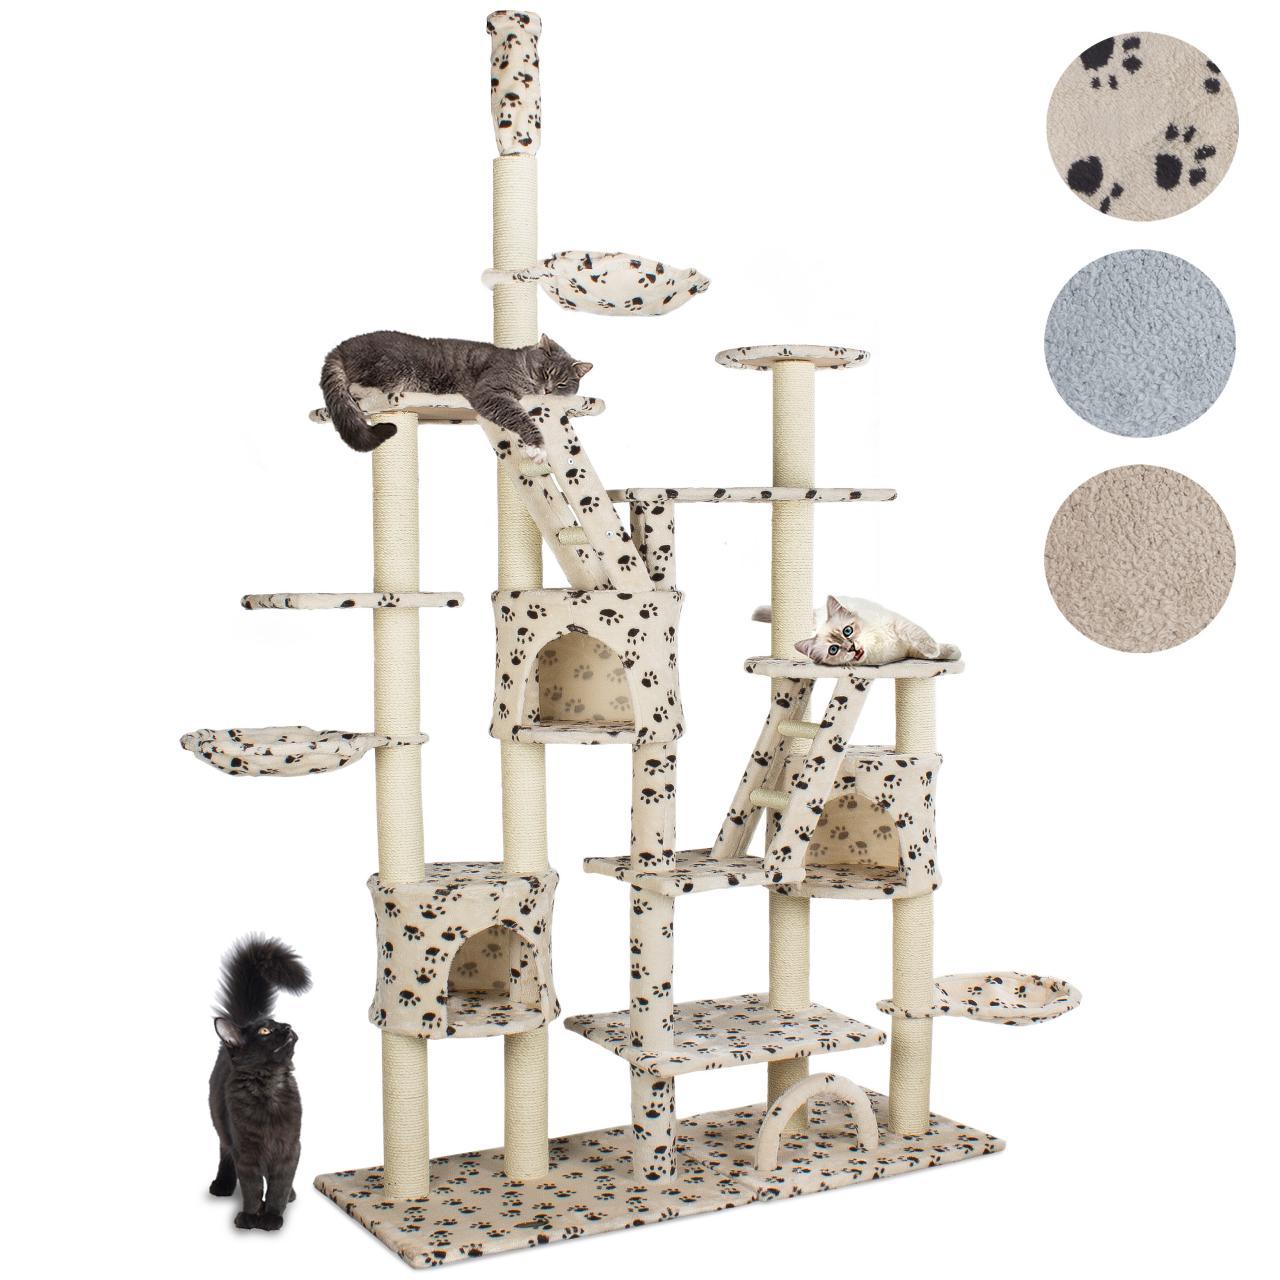 kratzbaum katzenkratzbaum katzenbaum katzen gro farbwahl ebay. Black Bedroom Furniture Sets. Home Design Ideas